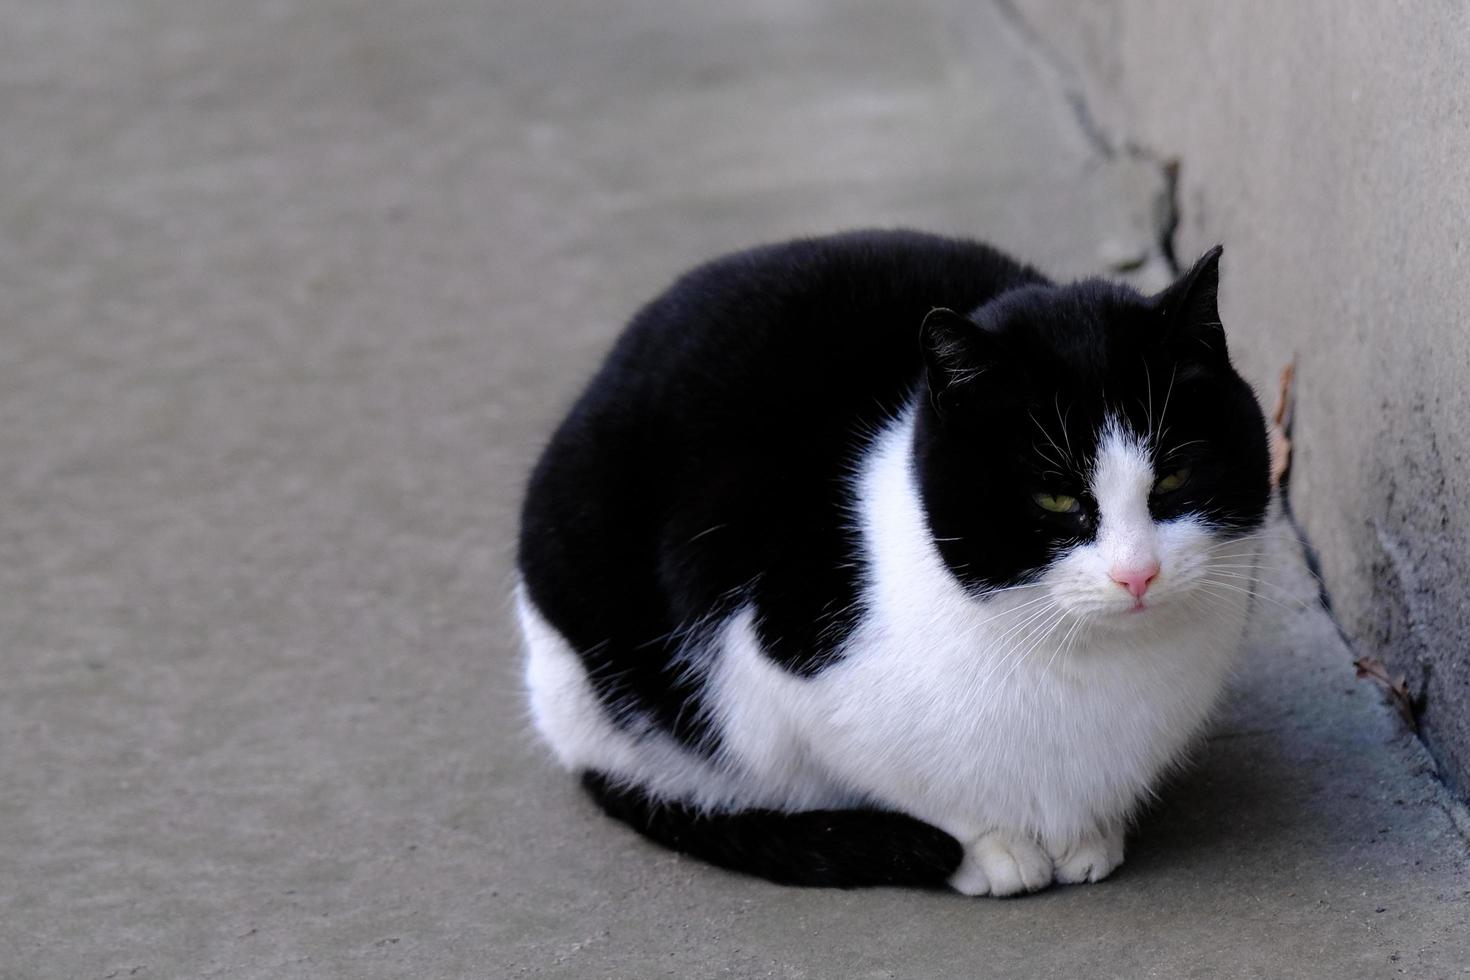 chat de rue tabby noir et blanc aux yeux verts portrait en gros plan photo